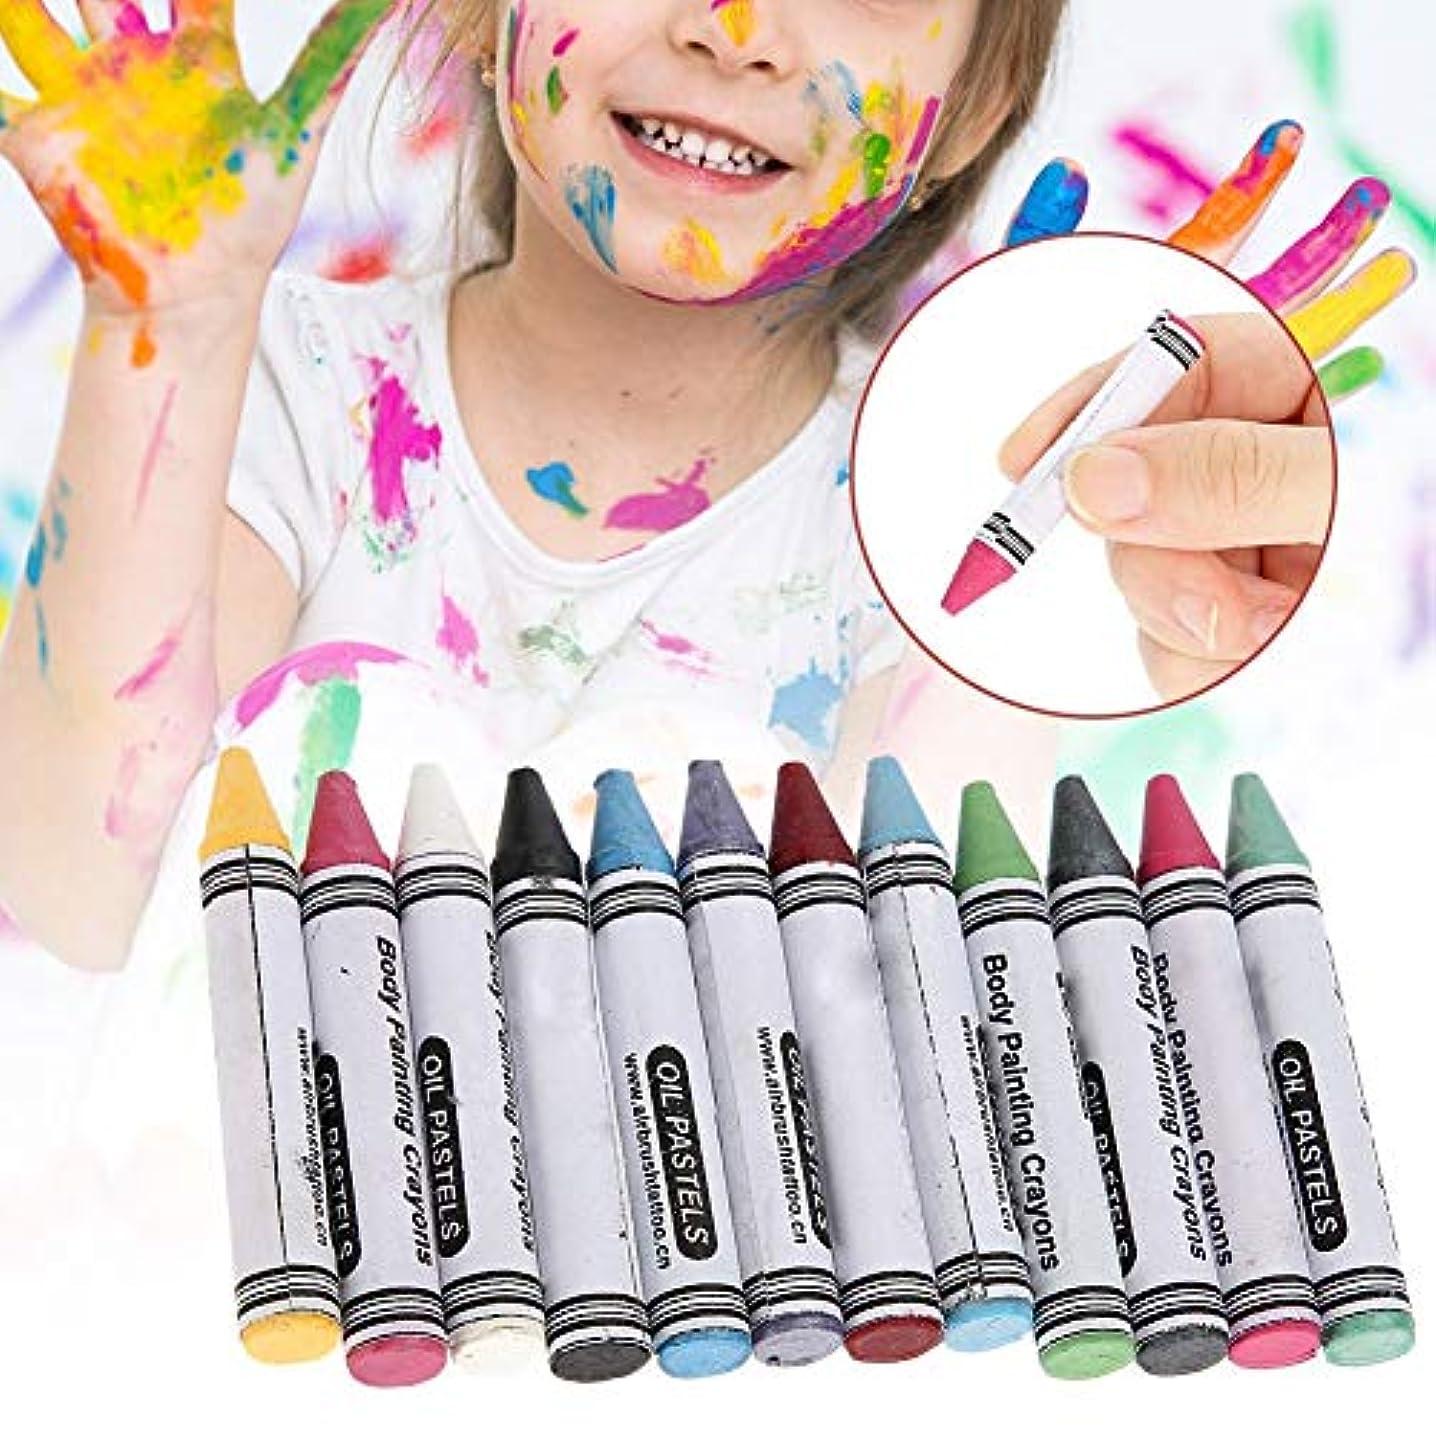 実現可能異邦人年齢12色 人体の彩絵クレヨン、パーティー祝日 子供用 環境保護 プレゼント